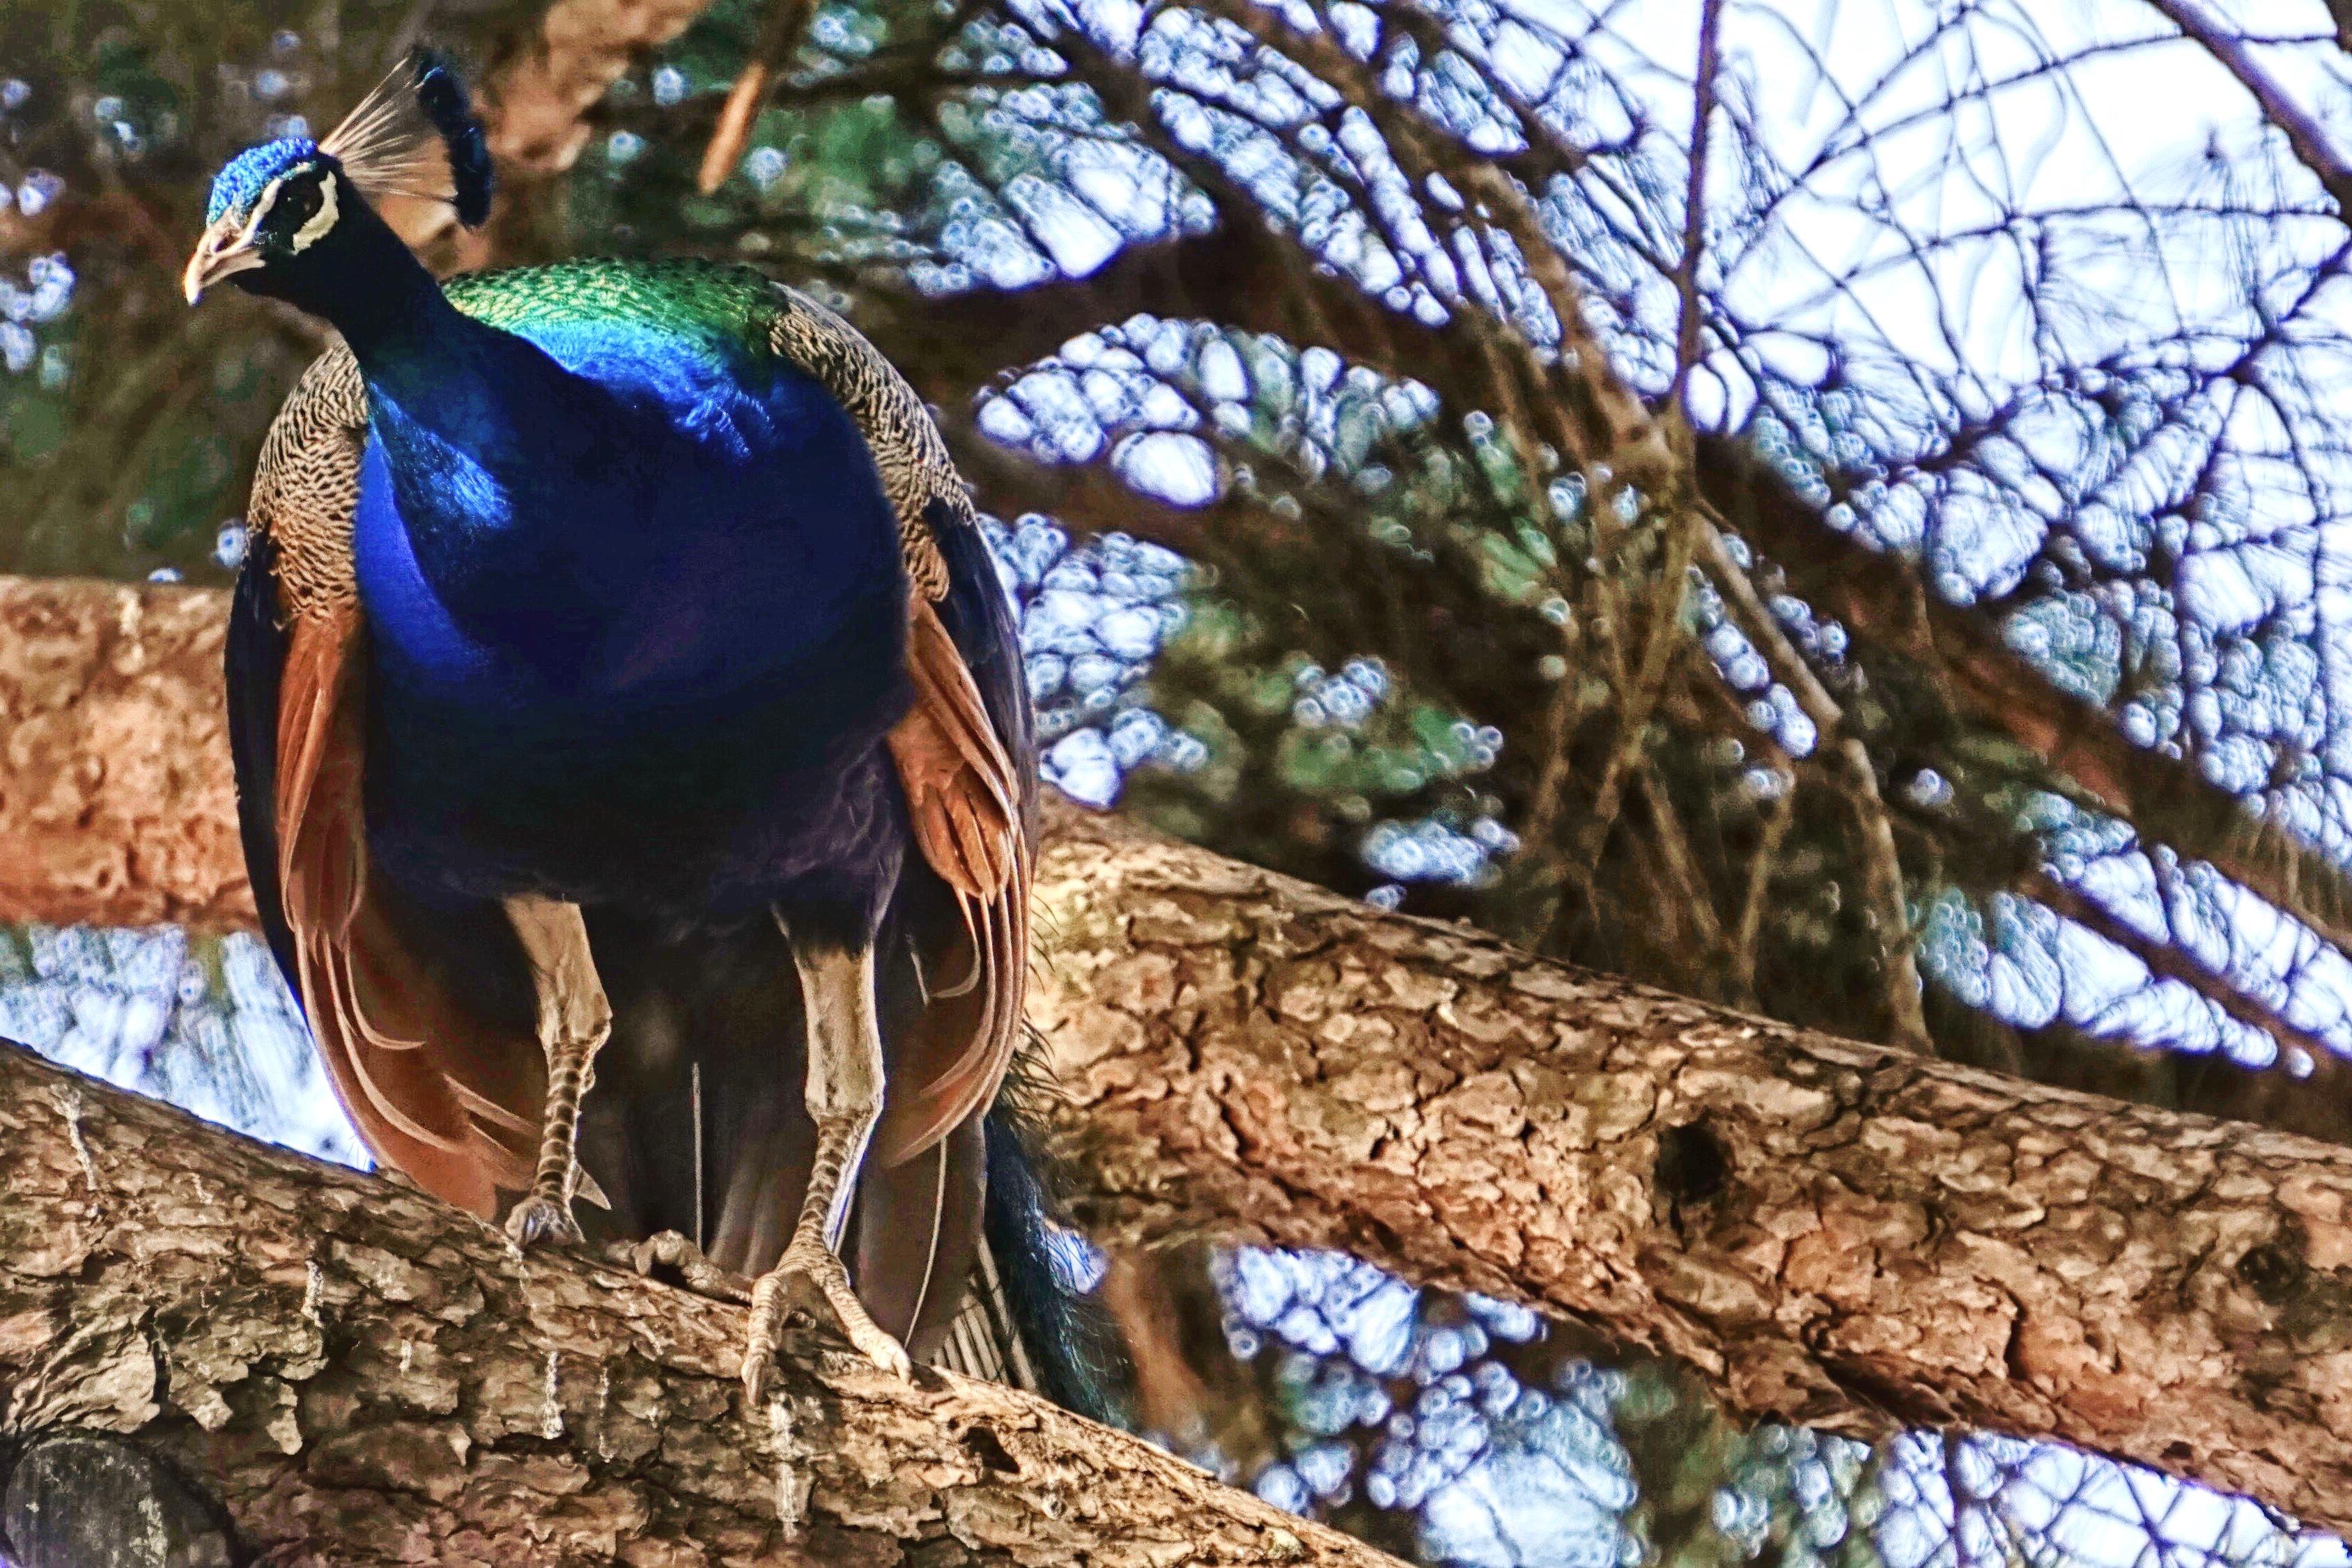 Peacock, Lisbon